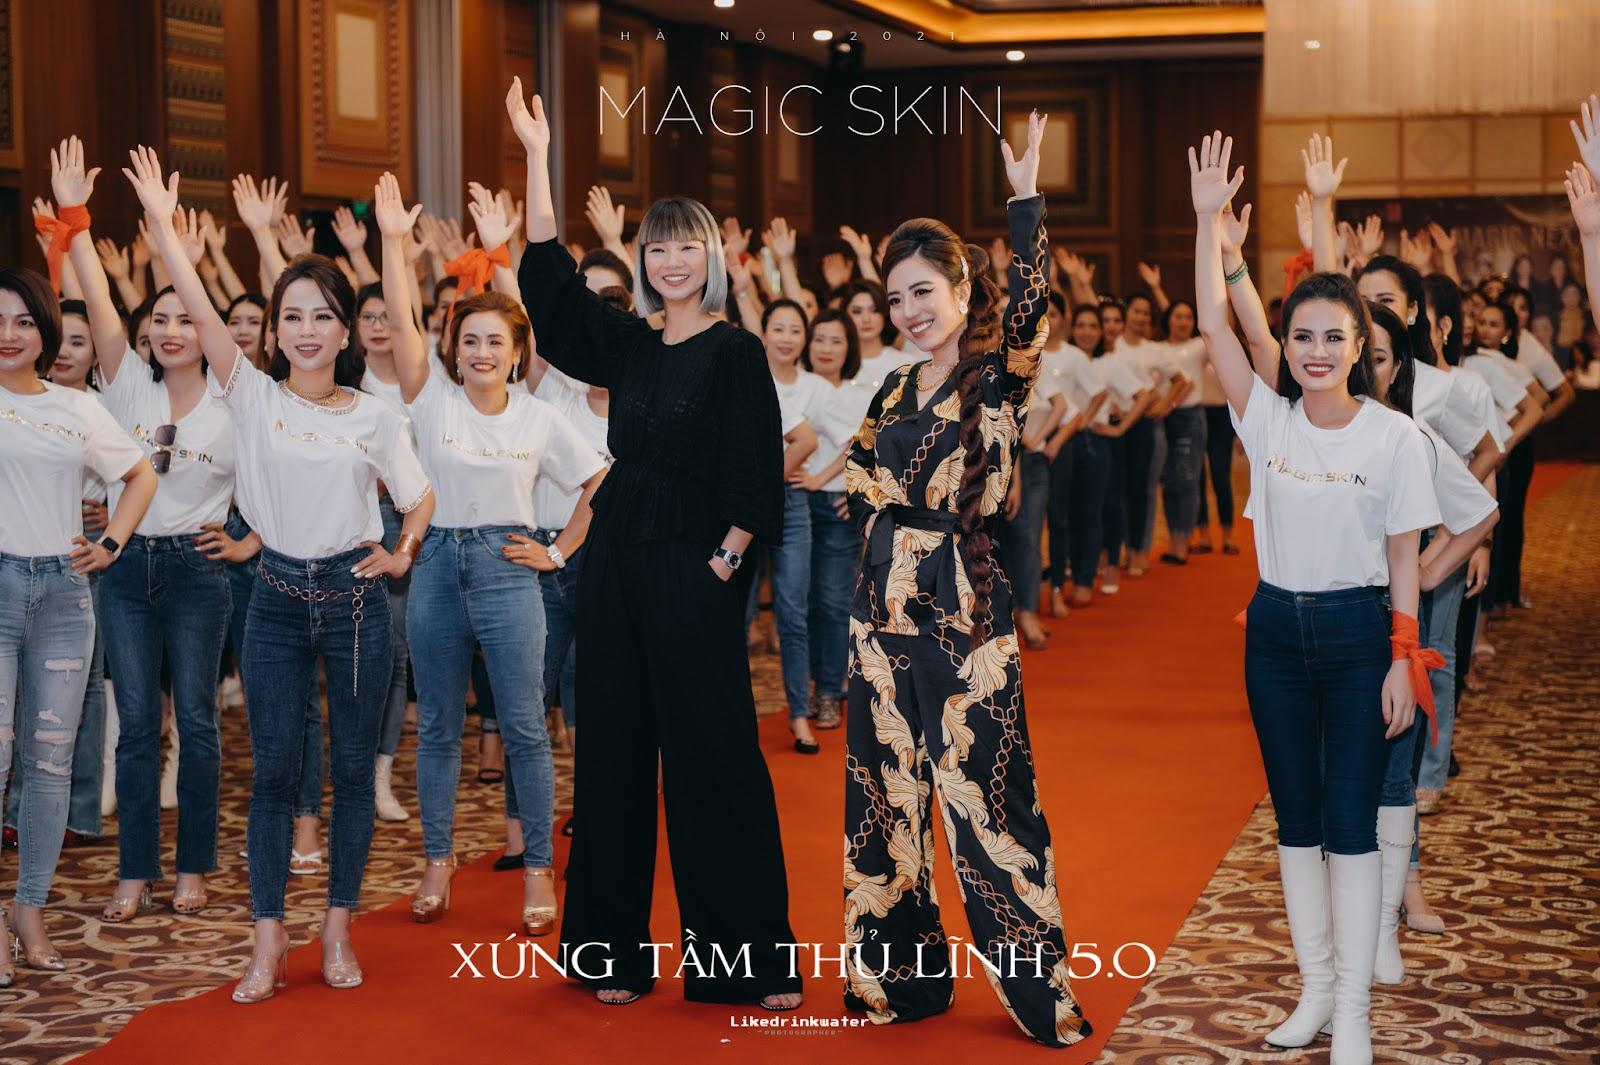 Trở thành thủ lĩnh xứng tầm cùng nữ diễn giả trẻ tuổi Đào Minh Châu trong khóa đào tạo đẳng cấp Xứng tầm thủ lĩnh 5.0 - Ảnh 8